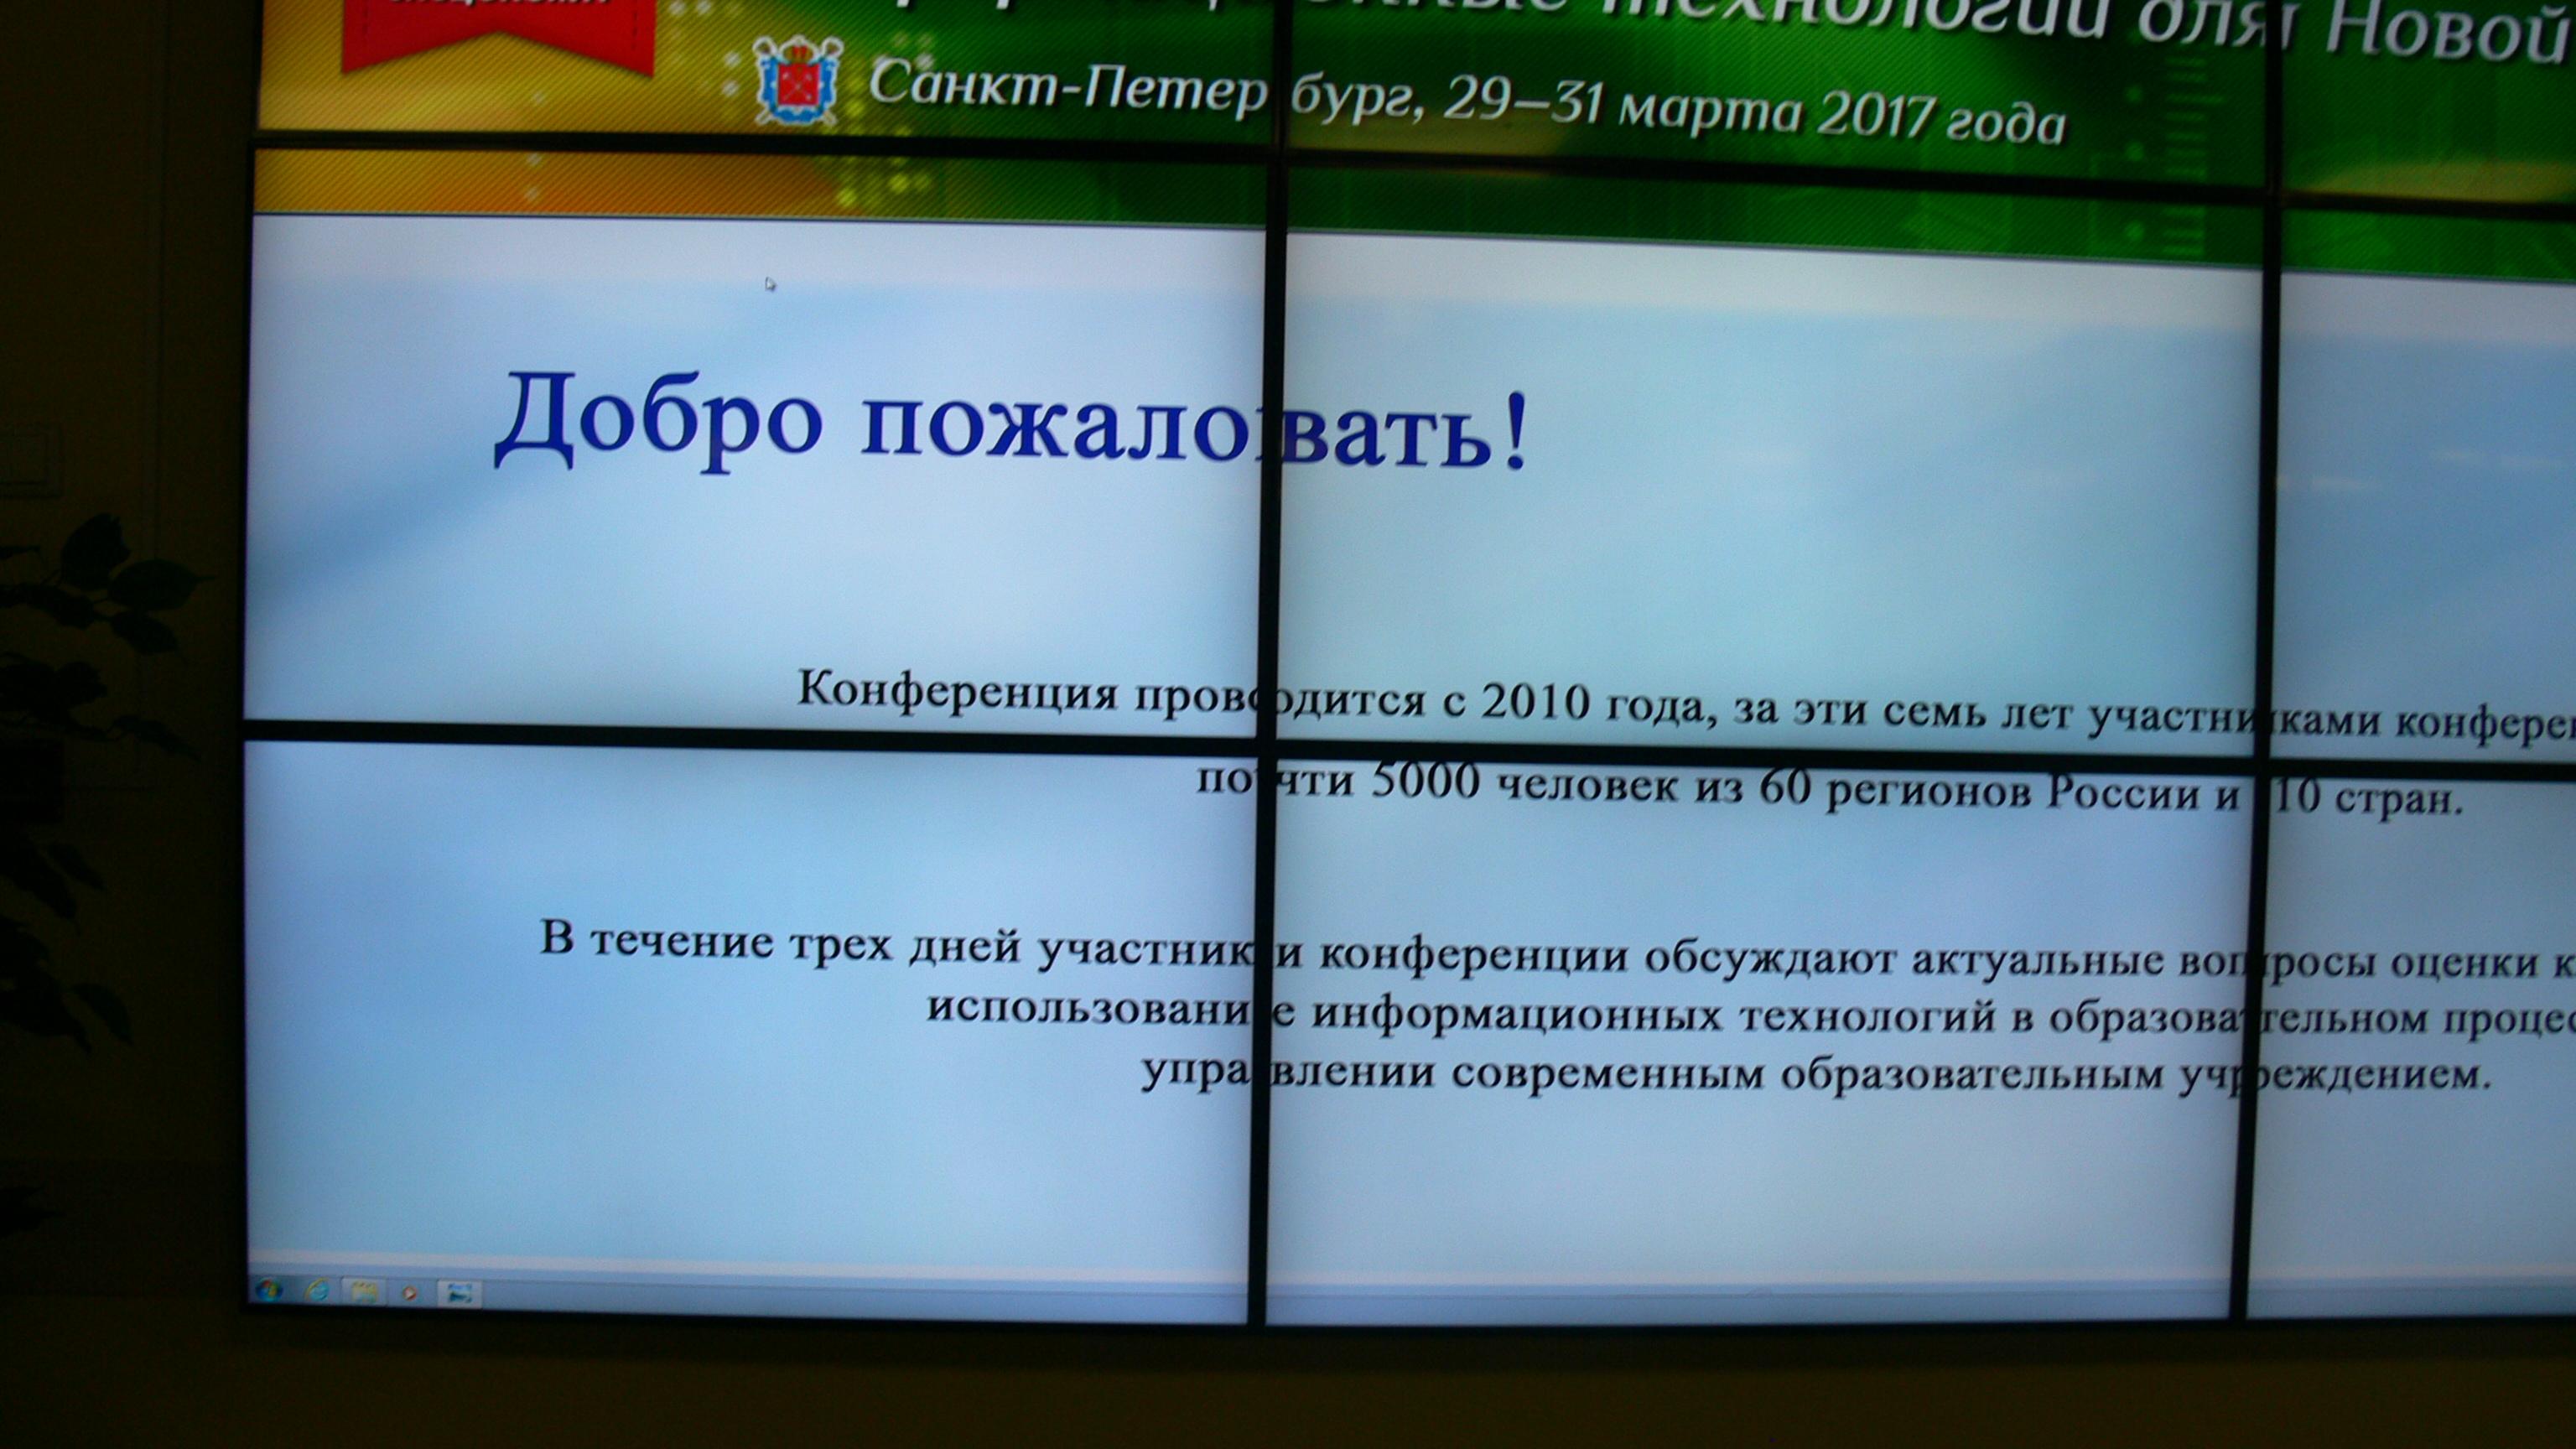 Получить справку для бассейна в Москве Красносельский бесплатно